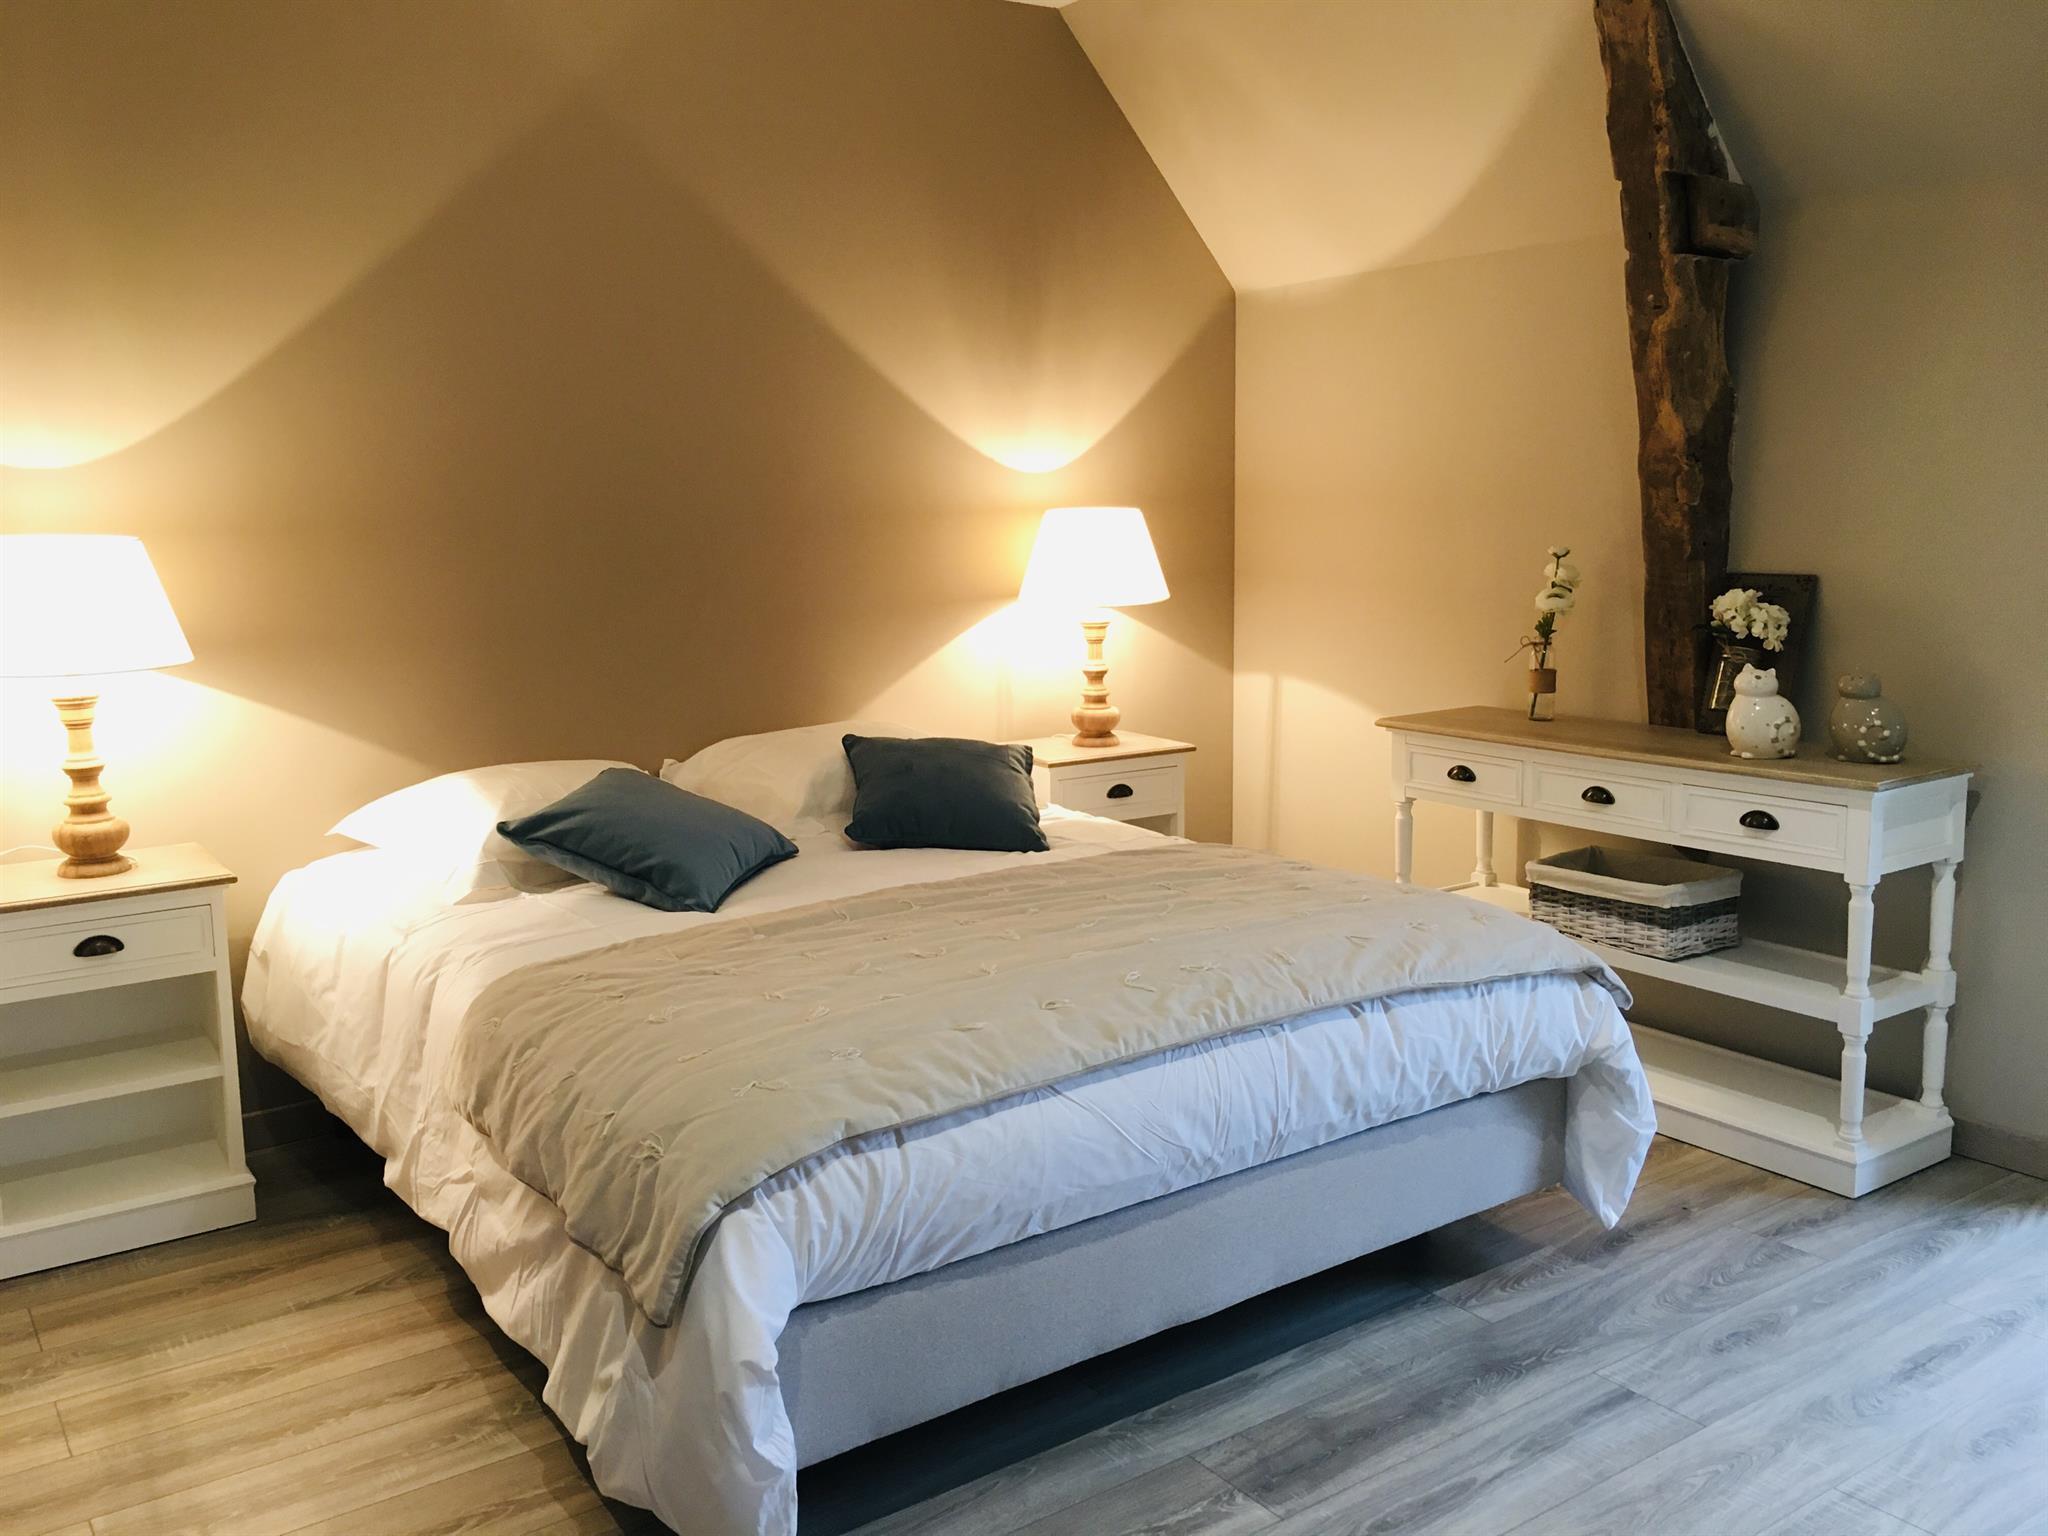 Ferienhaus Le Balcon de Louise Ferienhaus, Etagendusche oder -bad, 4 oder mehr Schlafräume (2776940), Gramat, Lot, Midi-Pyrénées, Frankreich, Bild 39